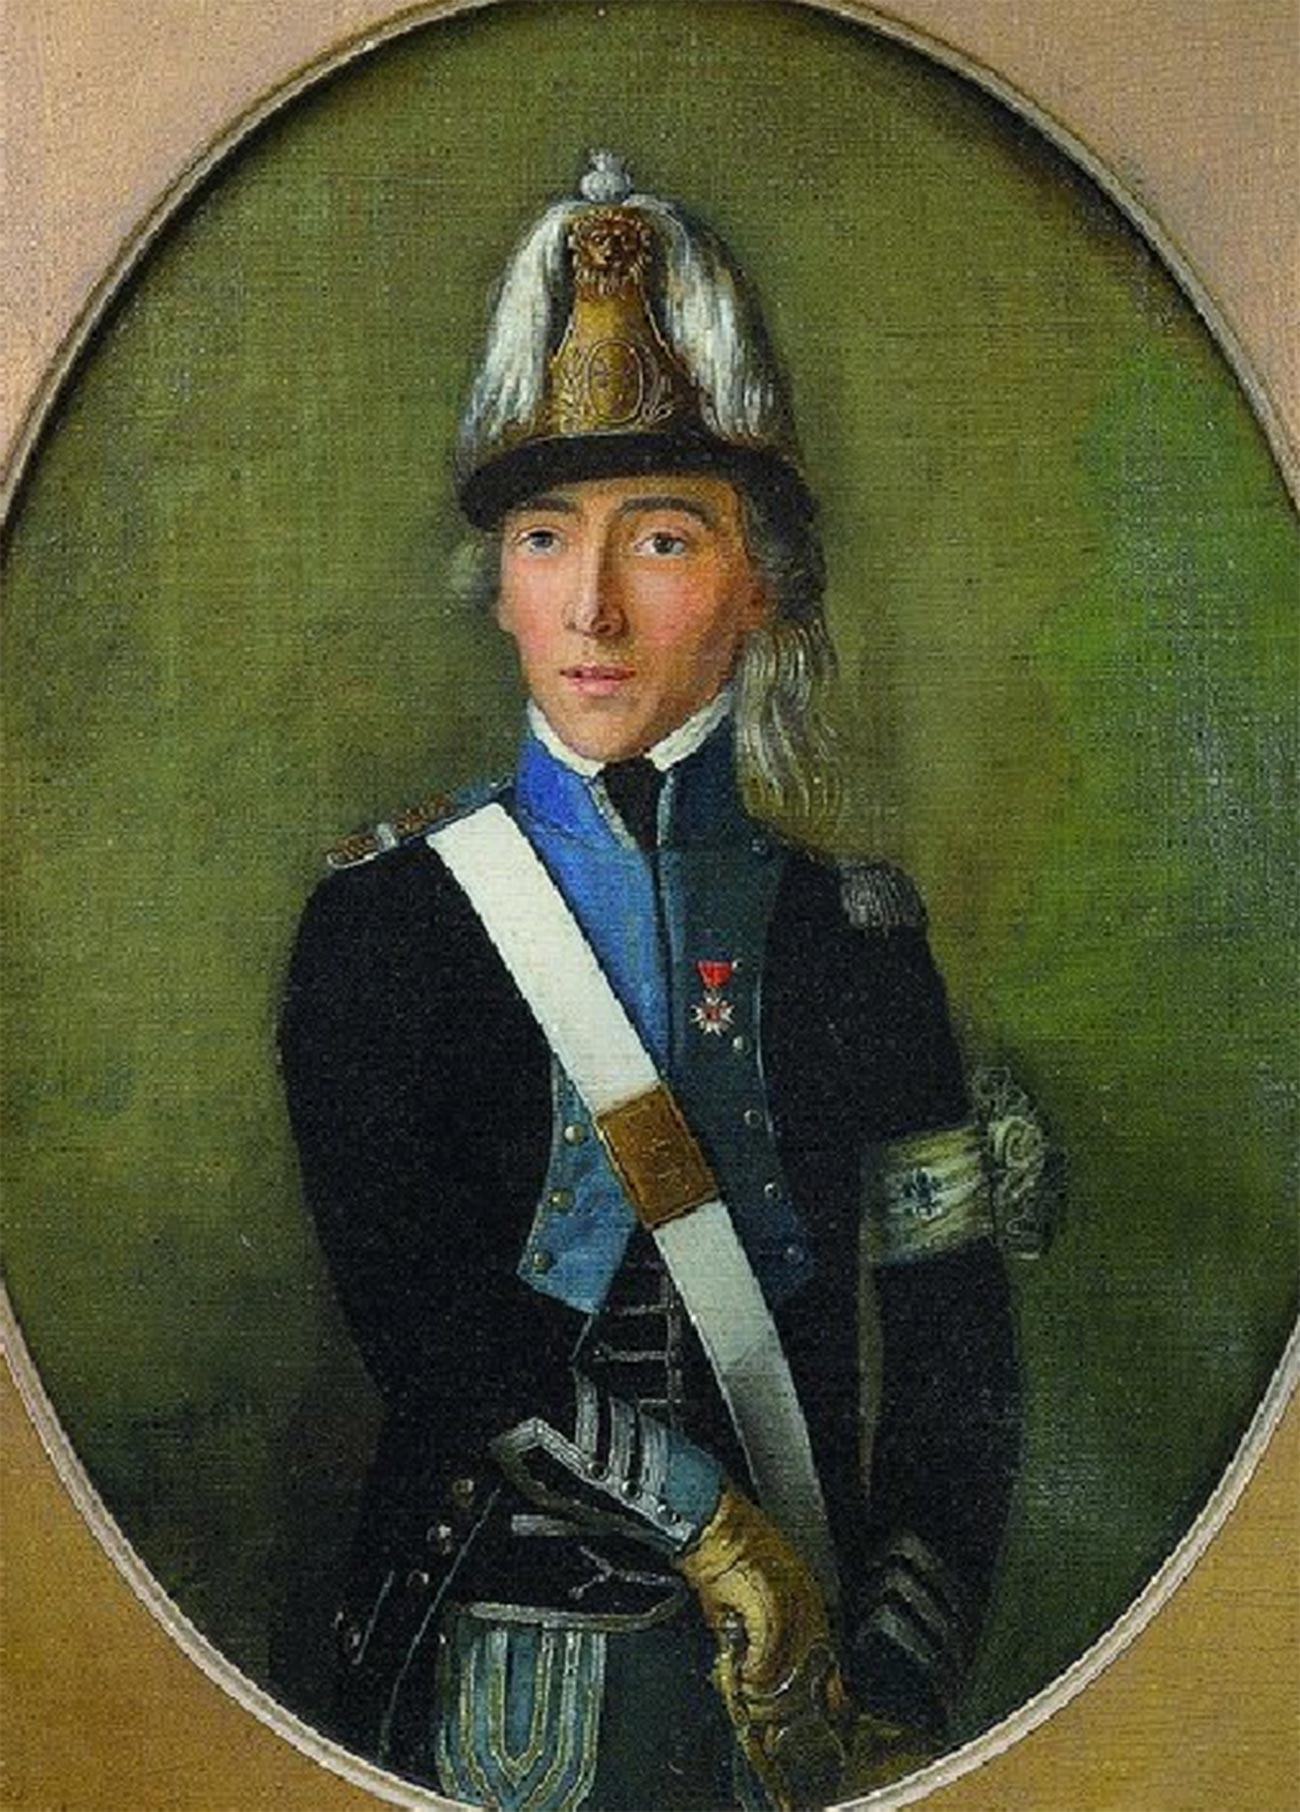 Retrato de un capitán